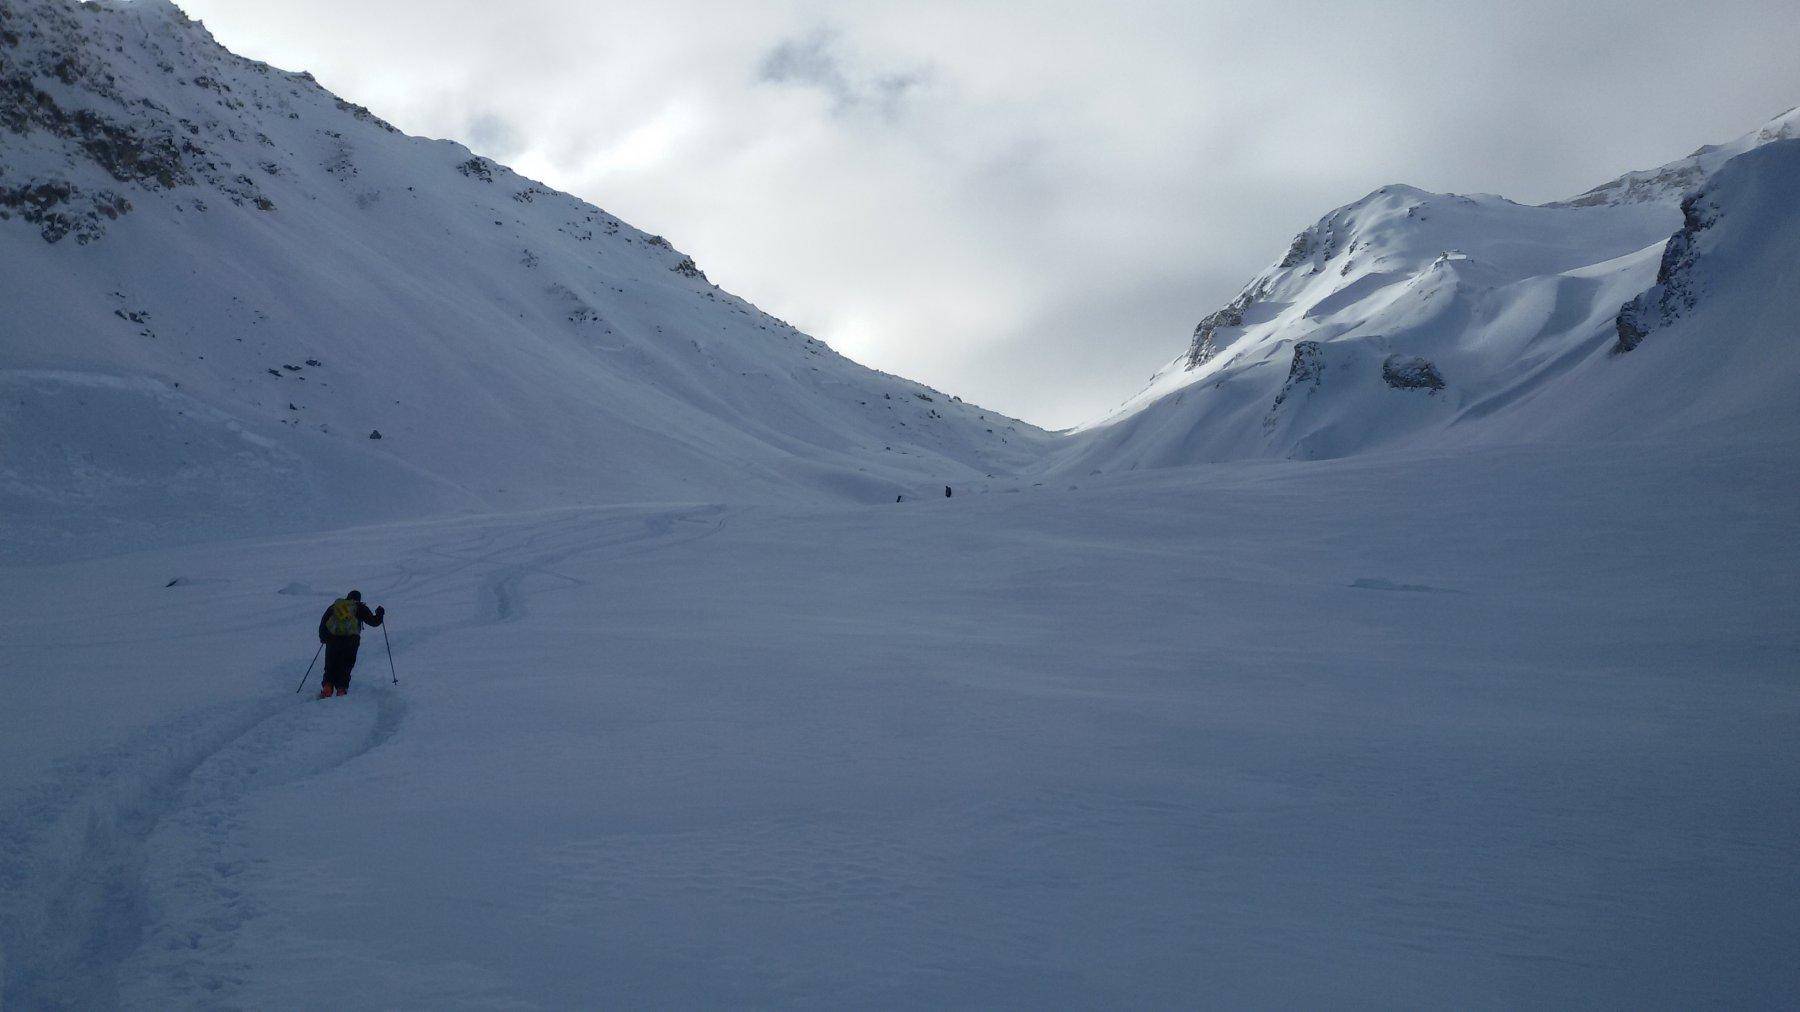 appena sotto il colle ...inutile proseguire  per troppa neve che non permette   una bella sciata..